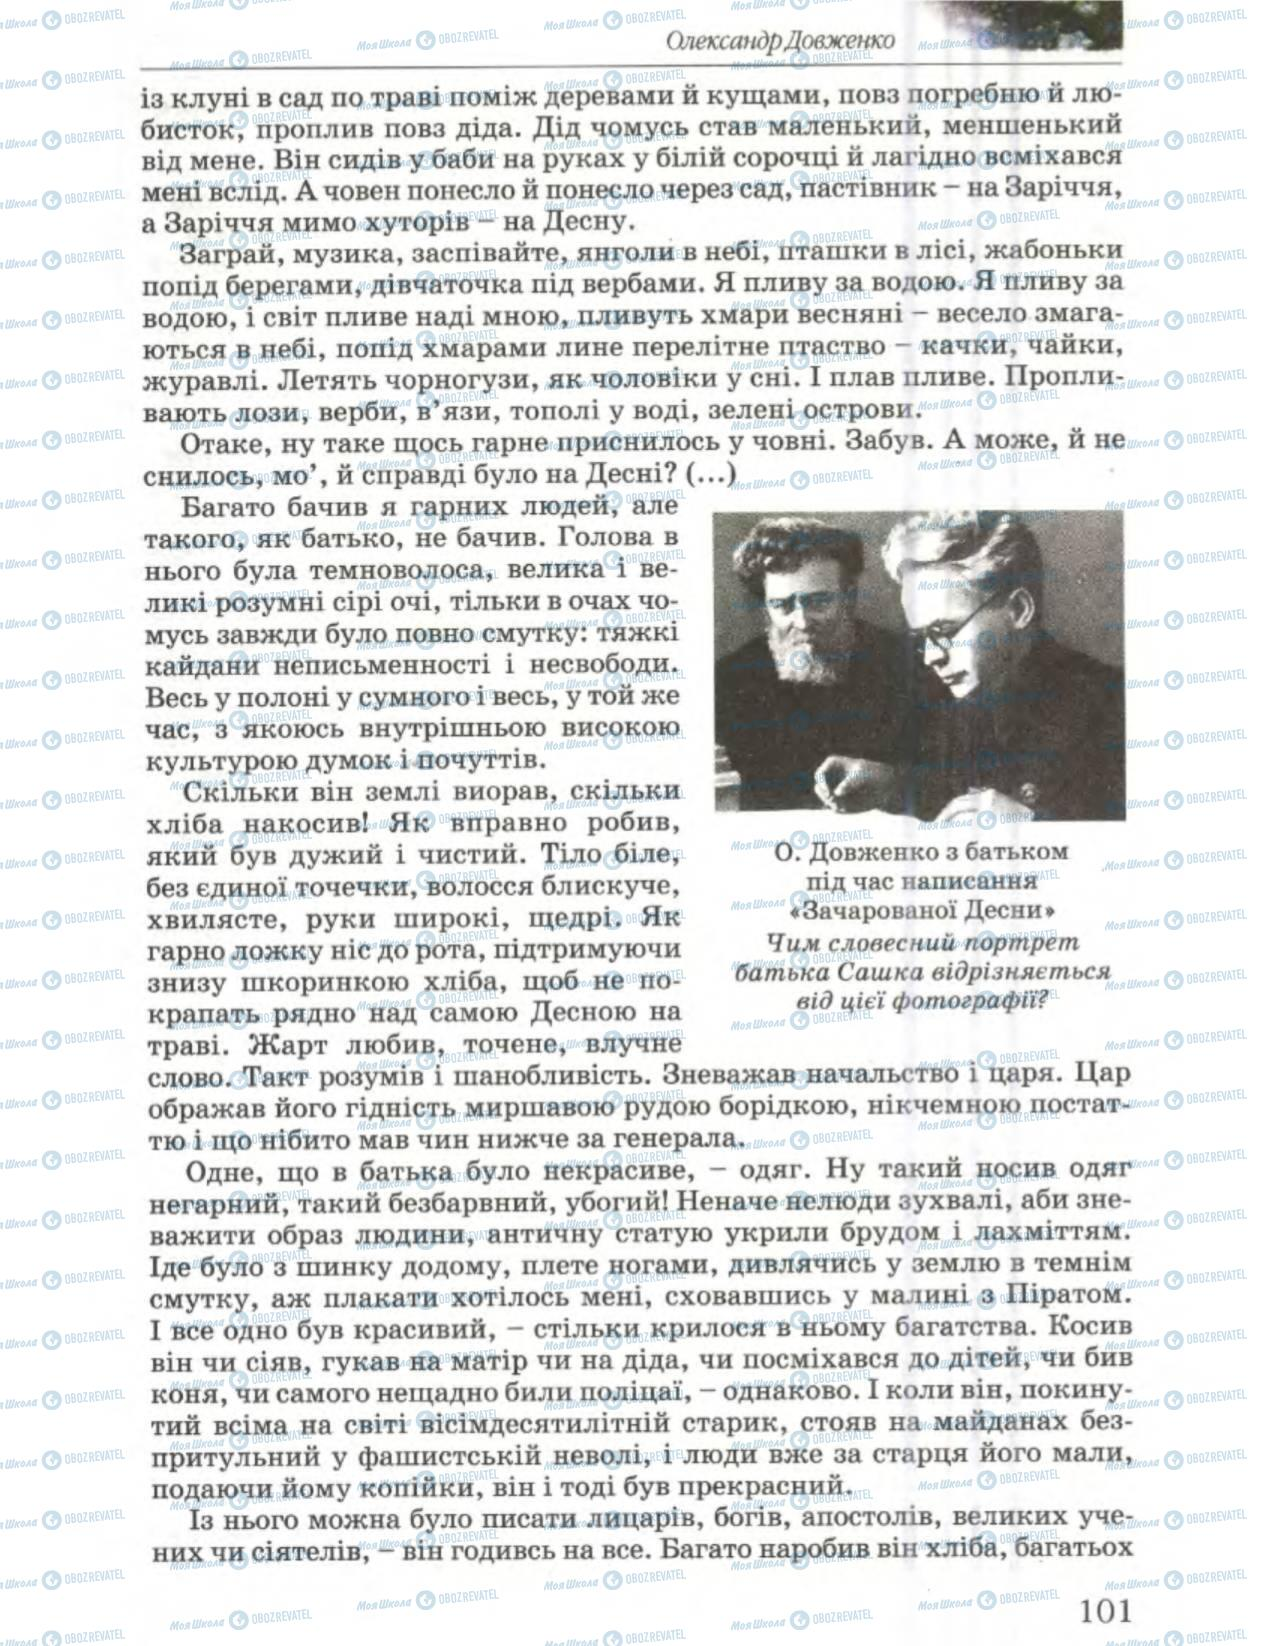 Підручники Українська література 6 клас сторінка 100